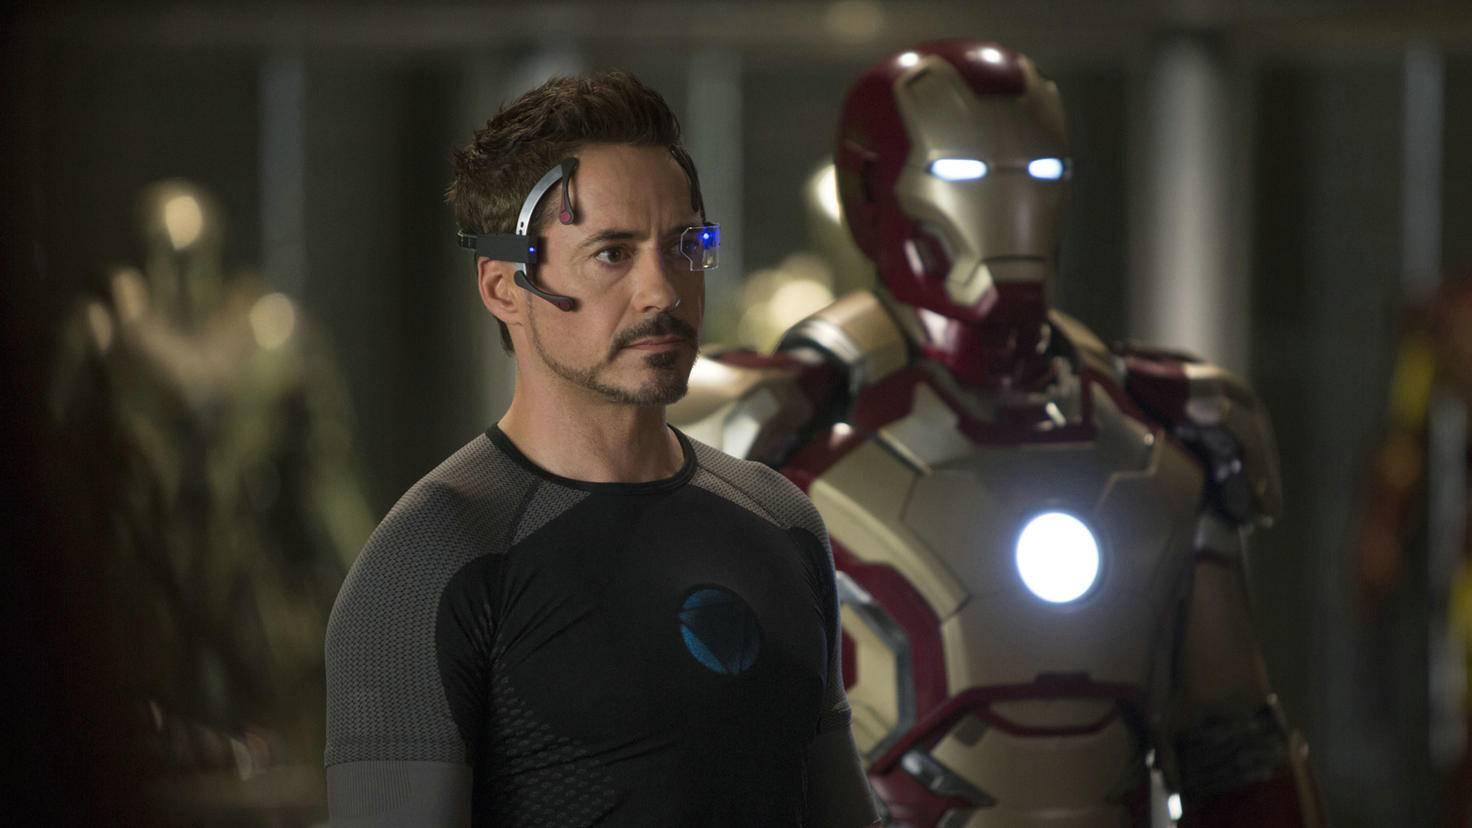 Wie lange wird Robert Downey Jr. noch als Tony Stark bzw. Iron Man auf der Leinwand zu sehen sein?